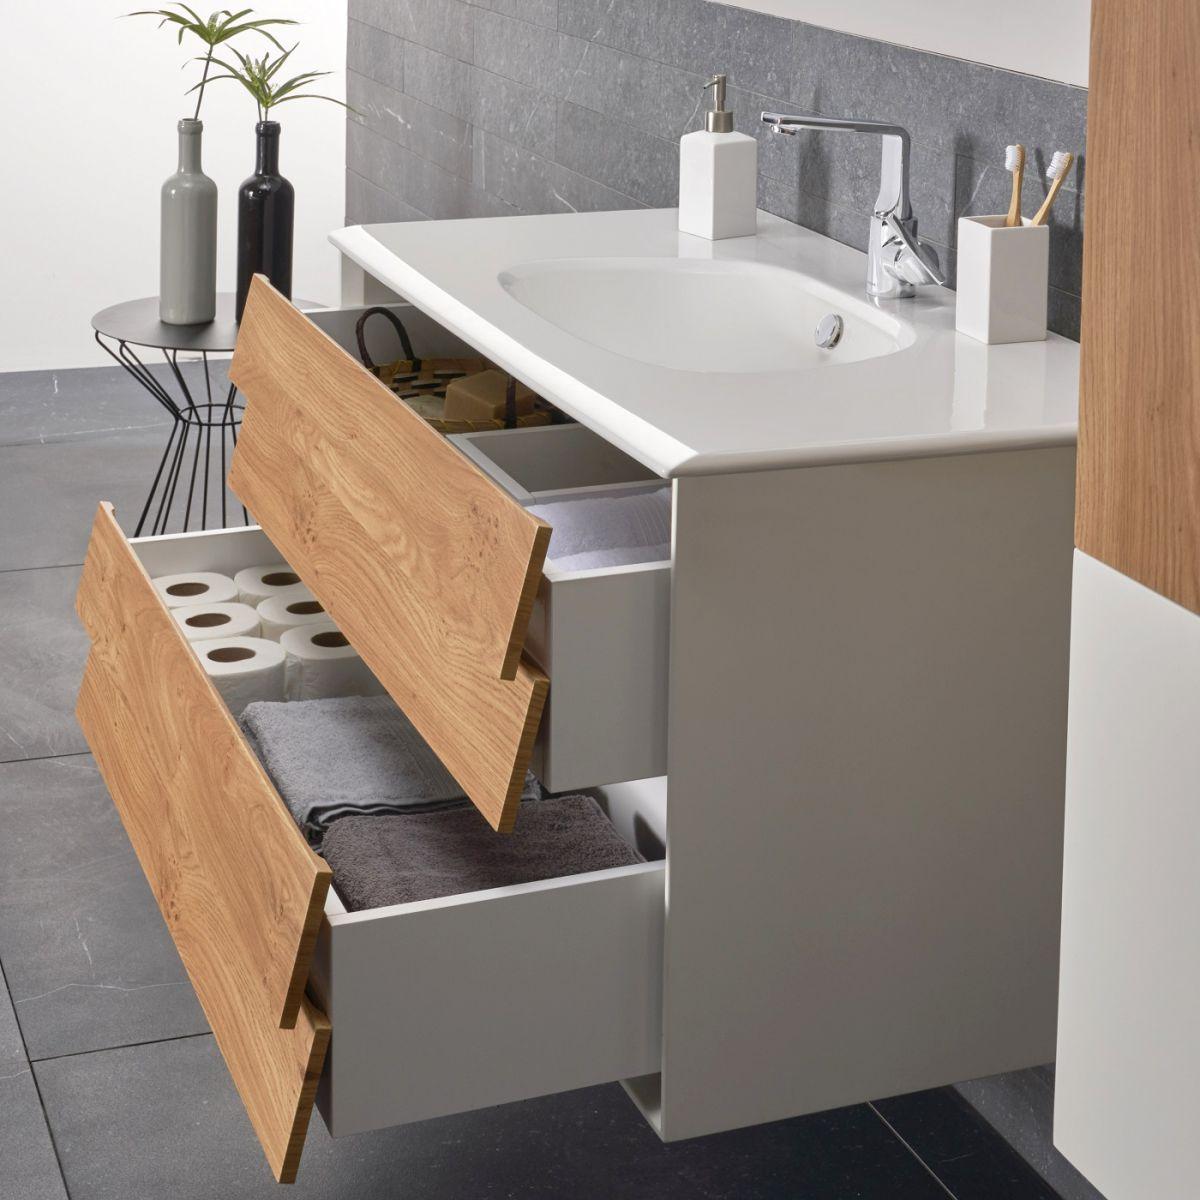 shower room idea 2